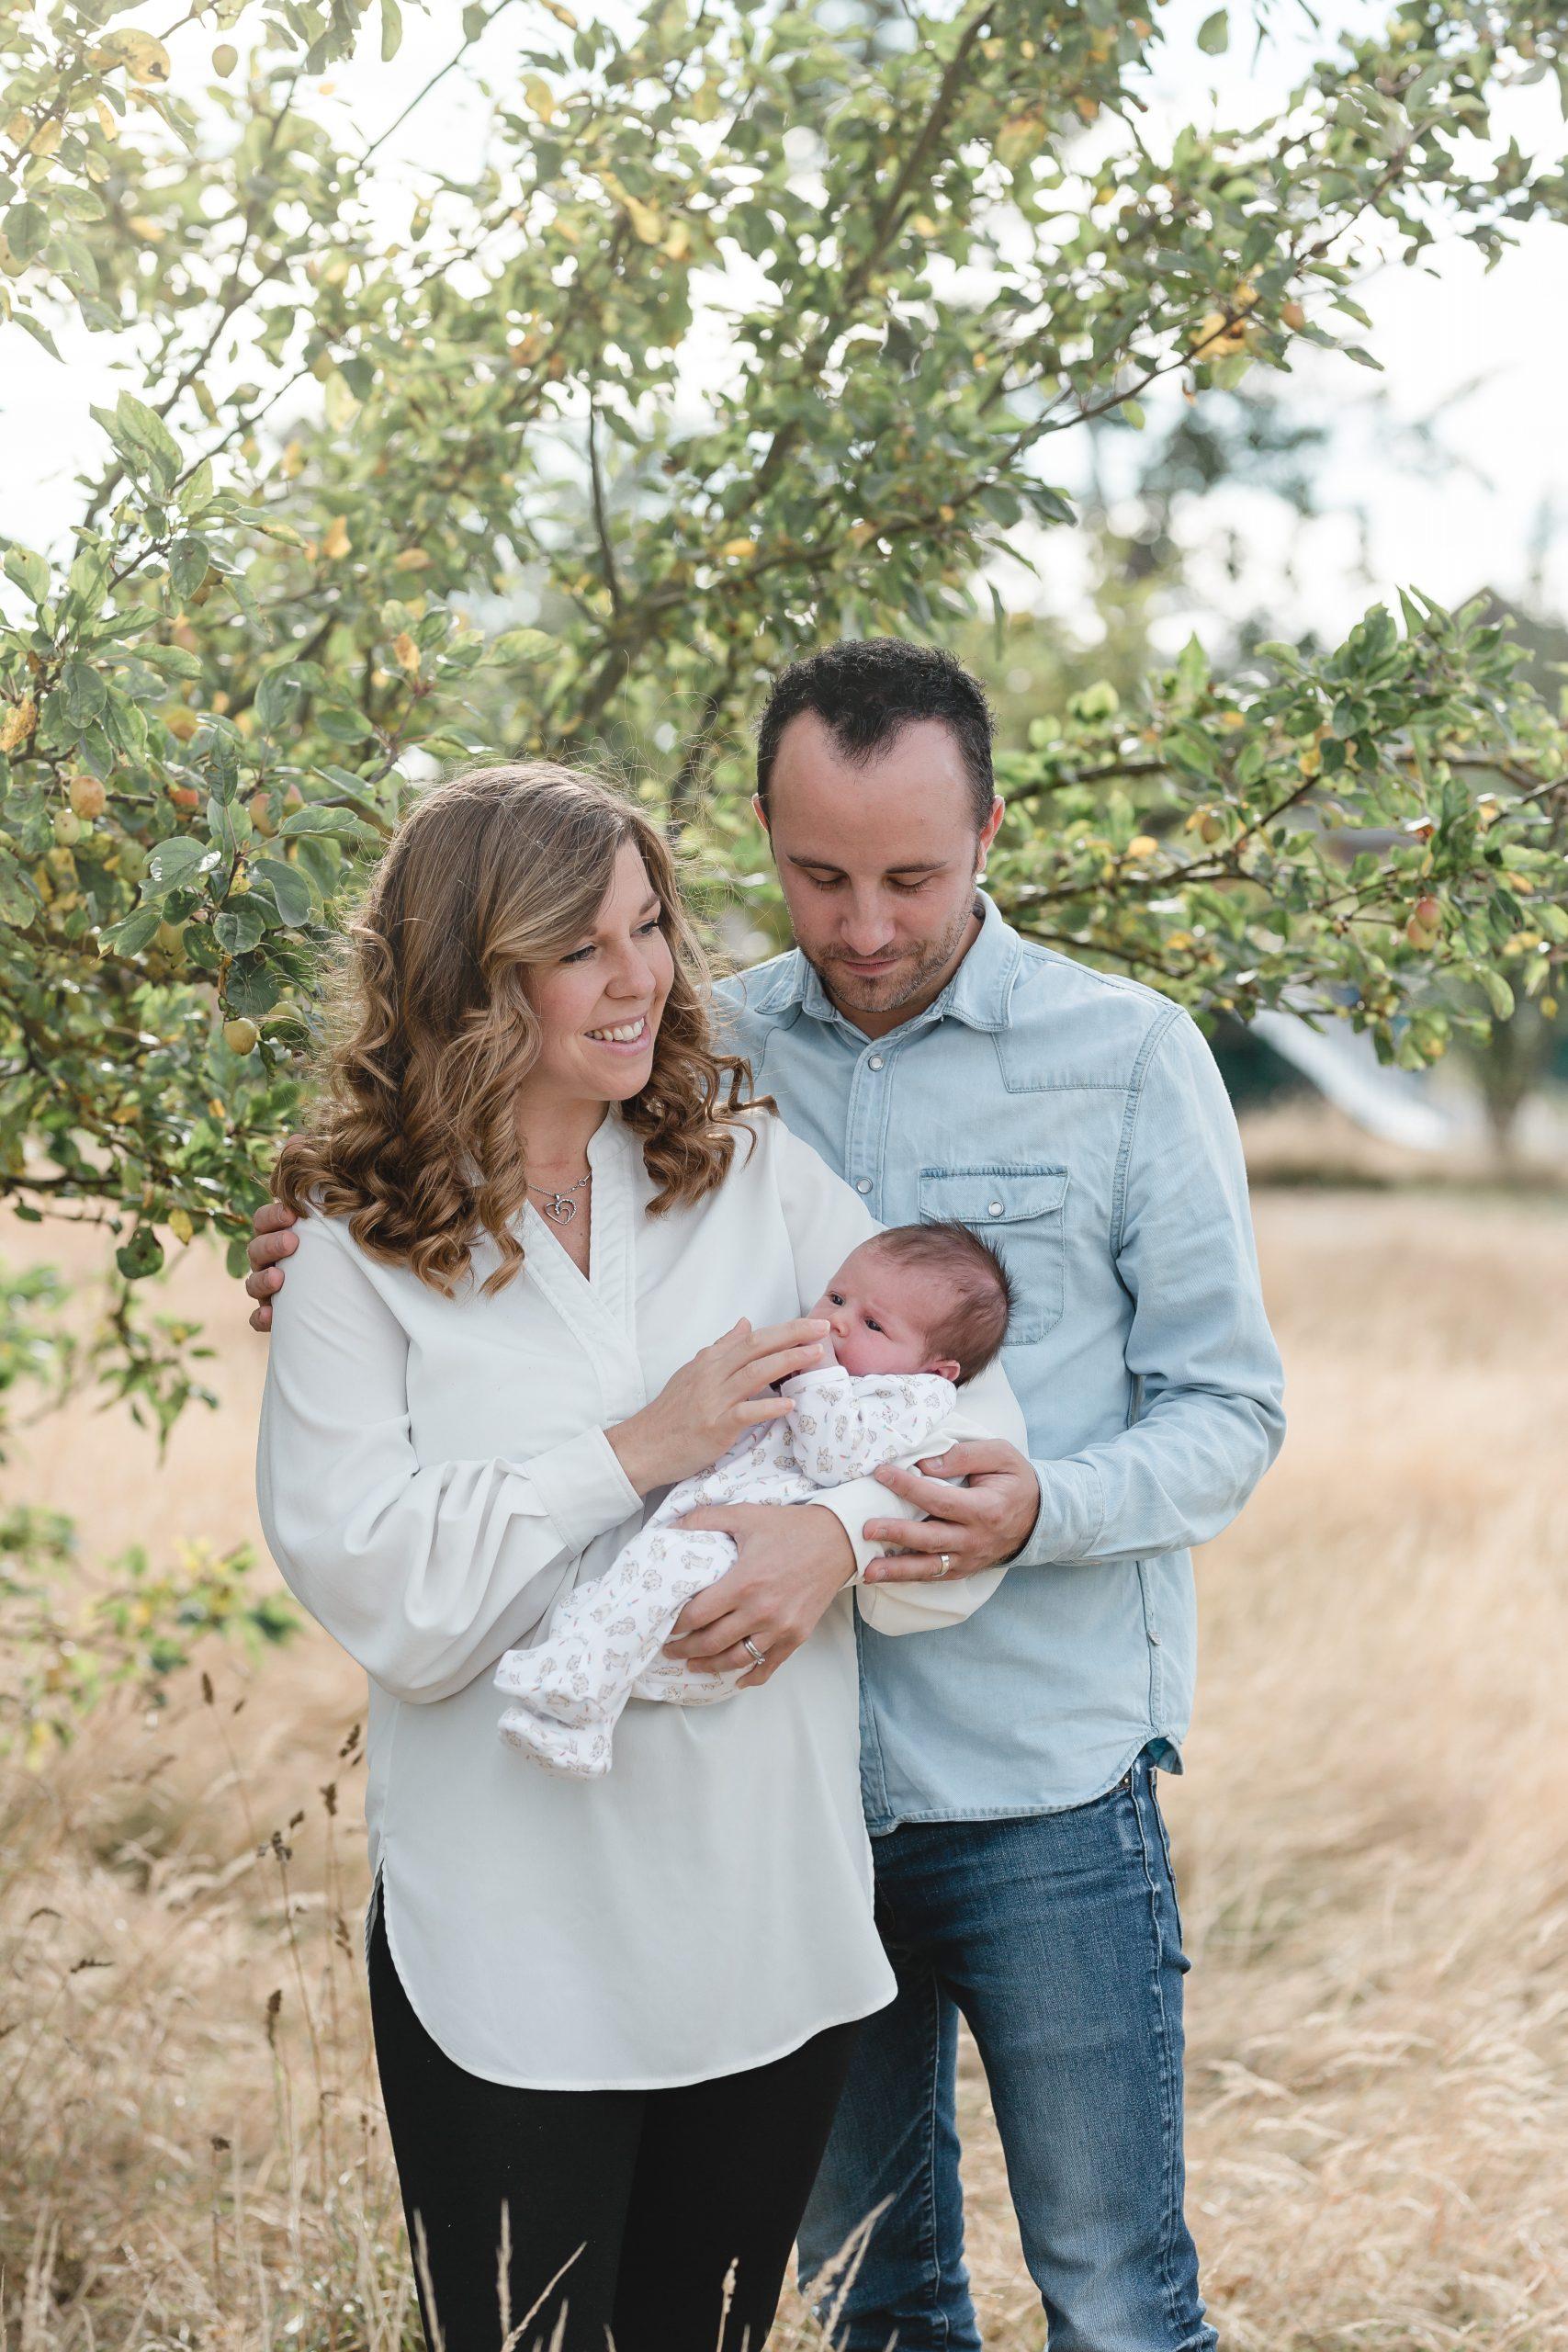 natural newborn photos Kent